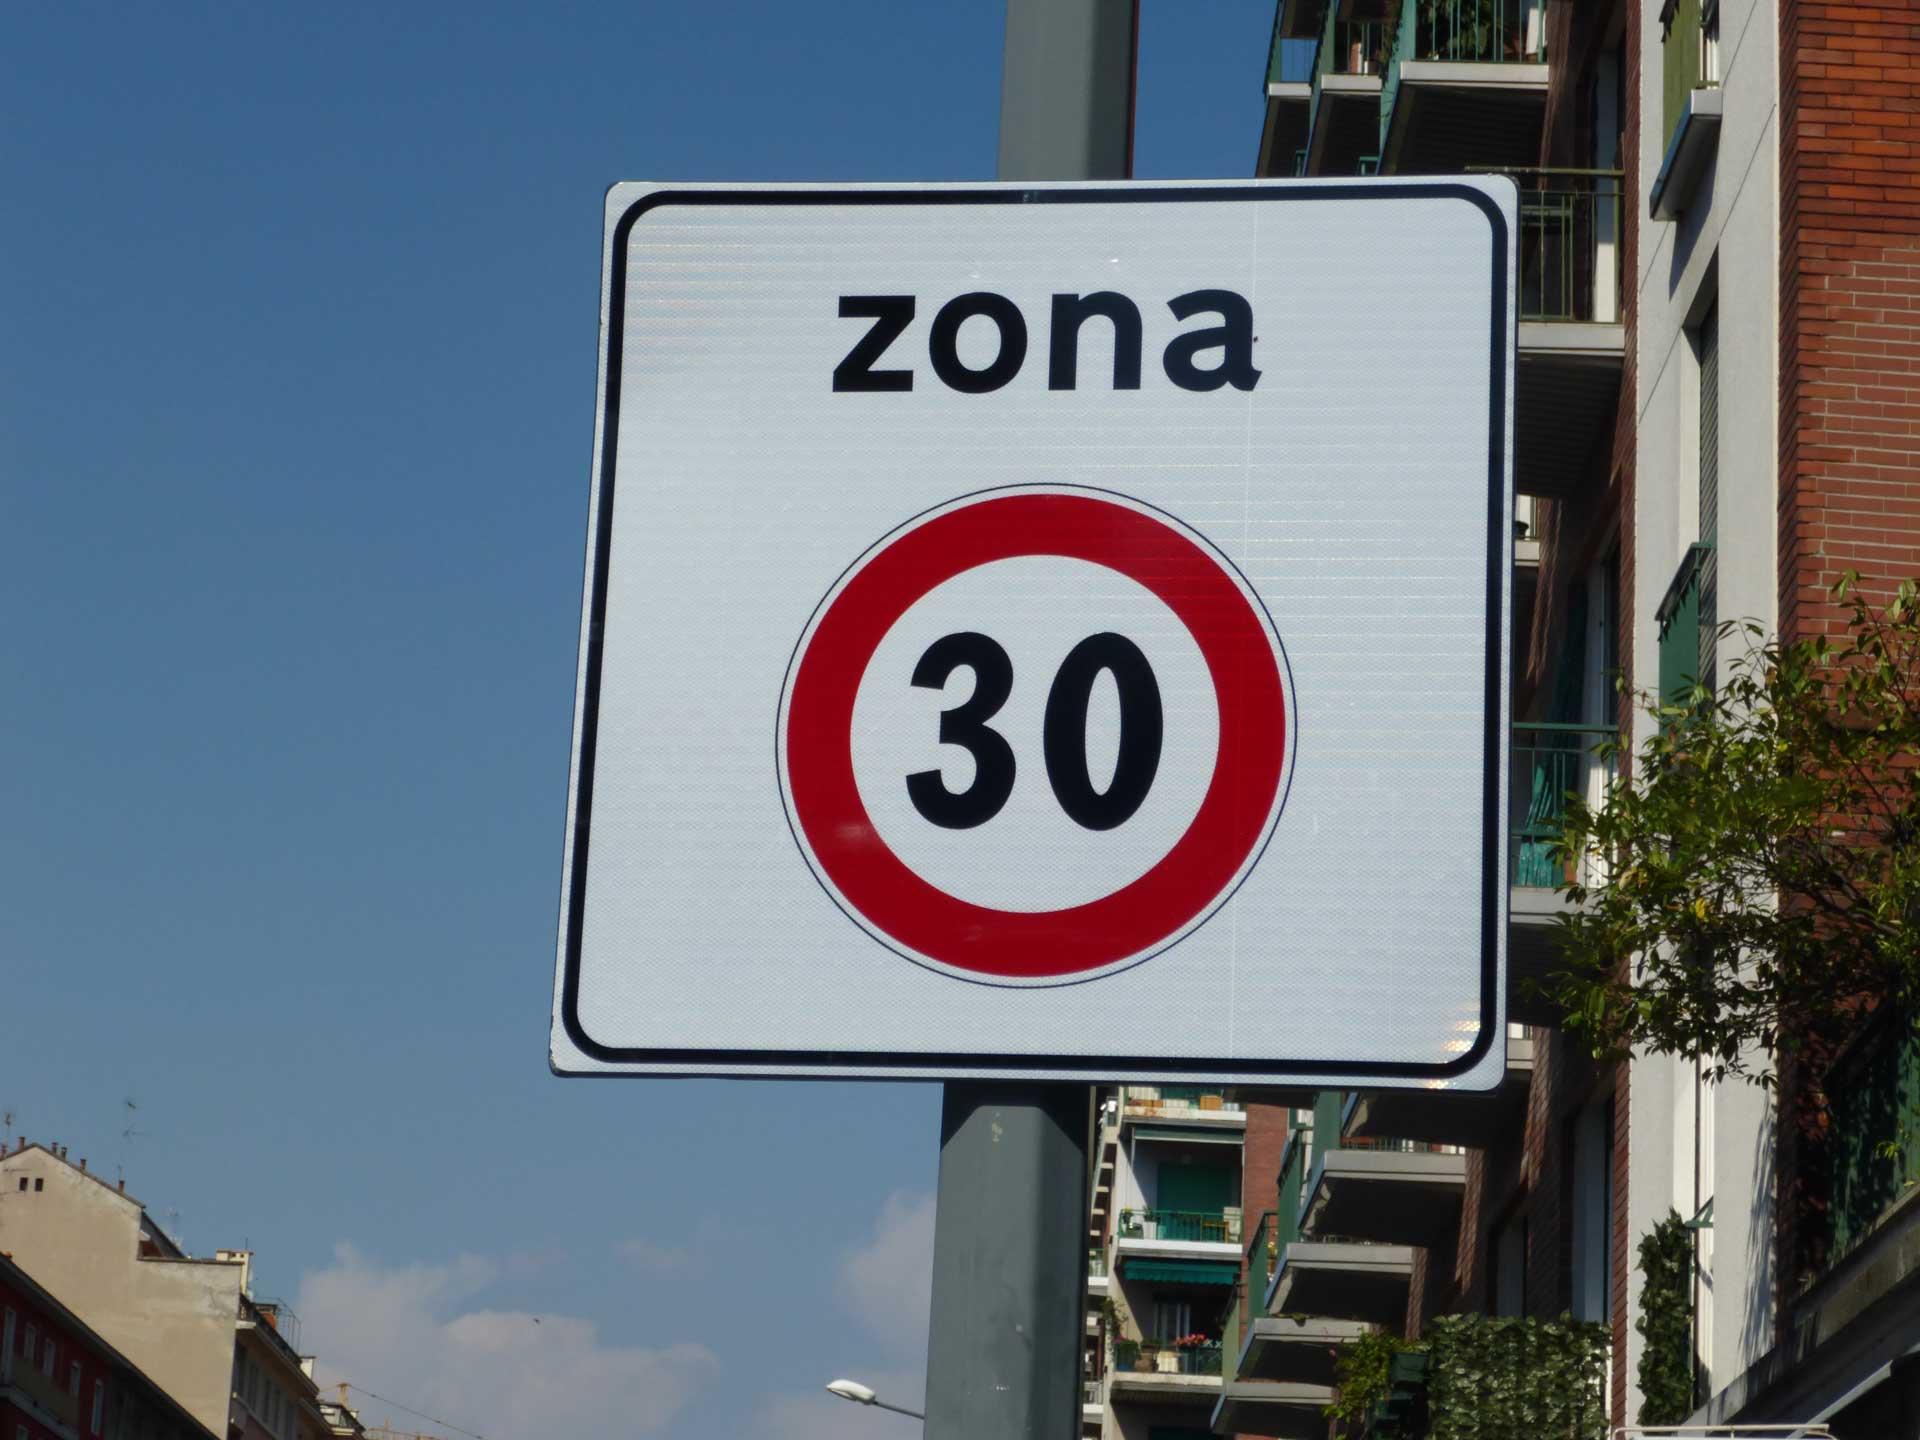 Milano: limite di velocità potrebbe scendere a 30 km/h